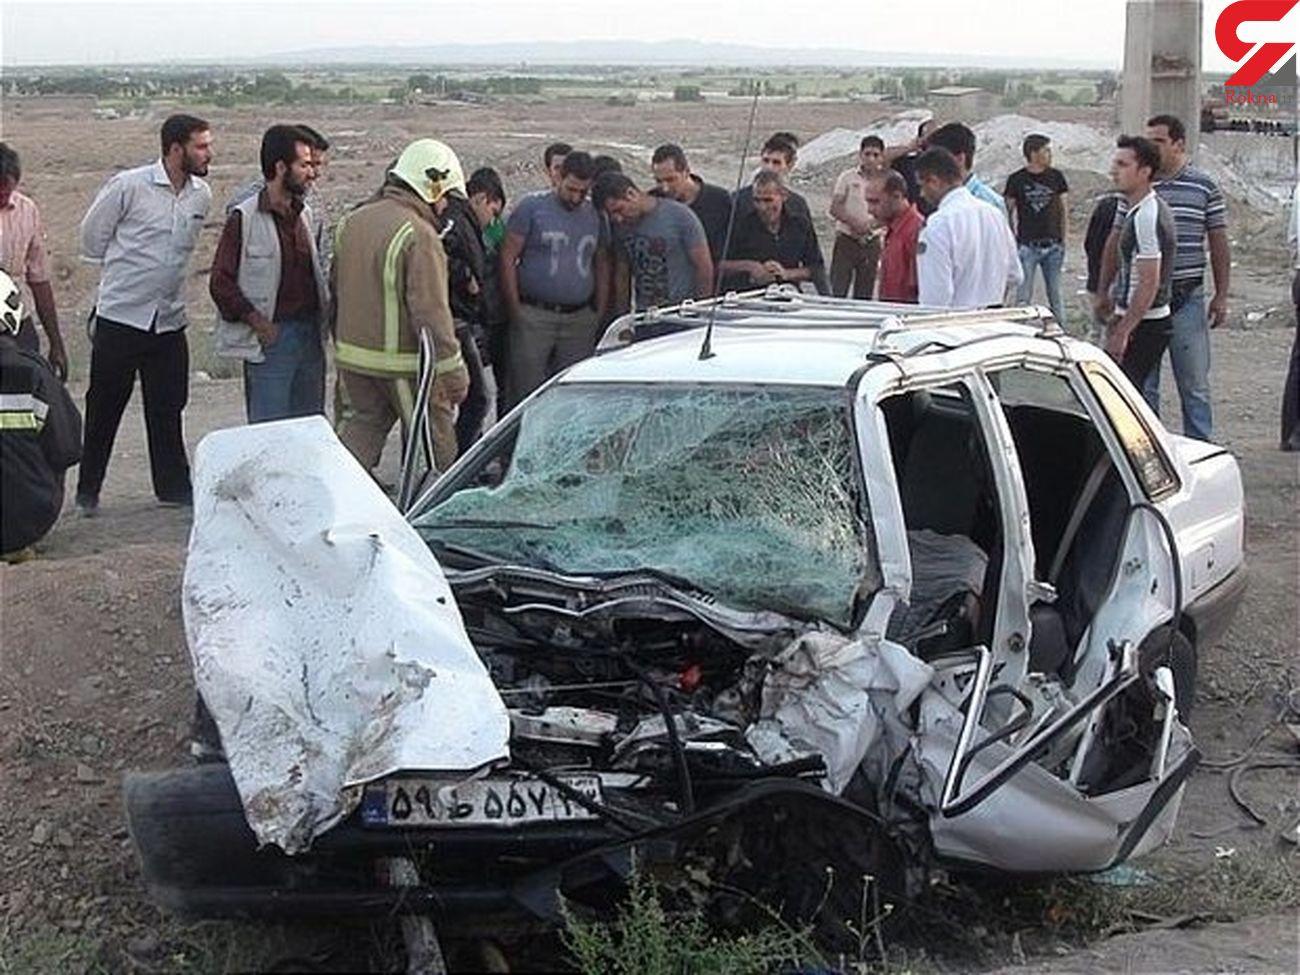 سقوط پراید حادثه آفرید / 2 اصفهانی مصدوم شدند